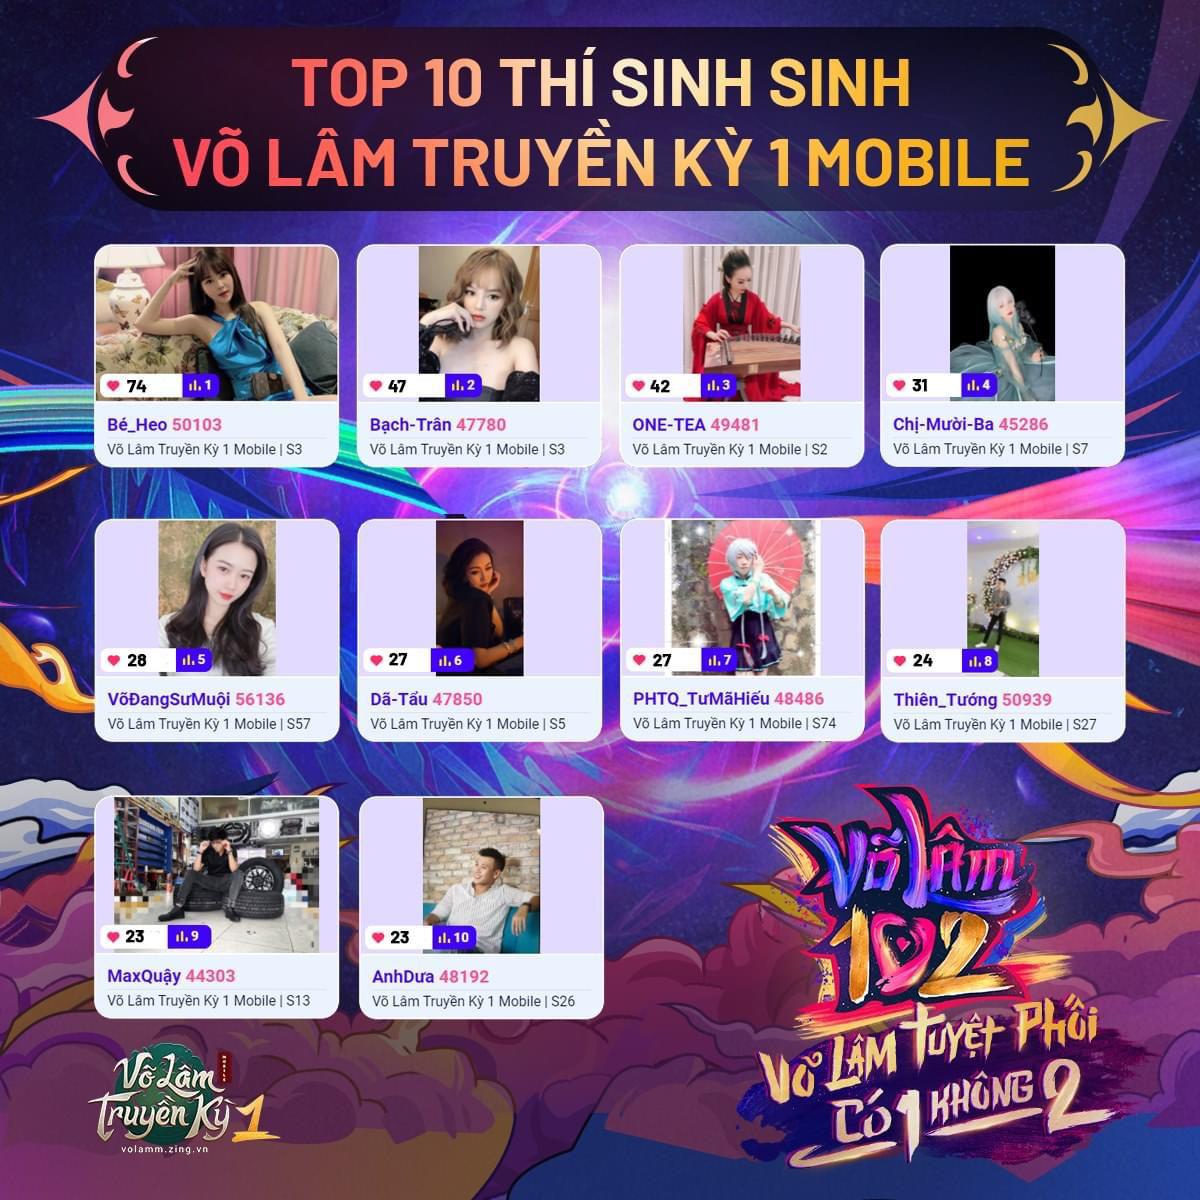 Võ Lâm 102: Ngắm nhan sắc Top 20 thí sinh xuất sắc nhất sàn đấu 38 tỷ của làng game Việt - Ảnh 4.